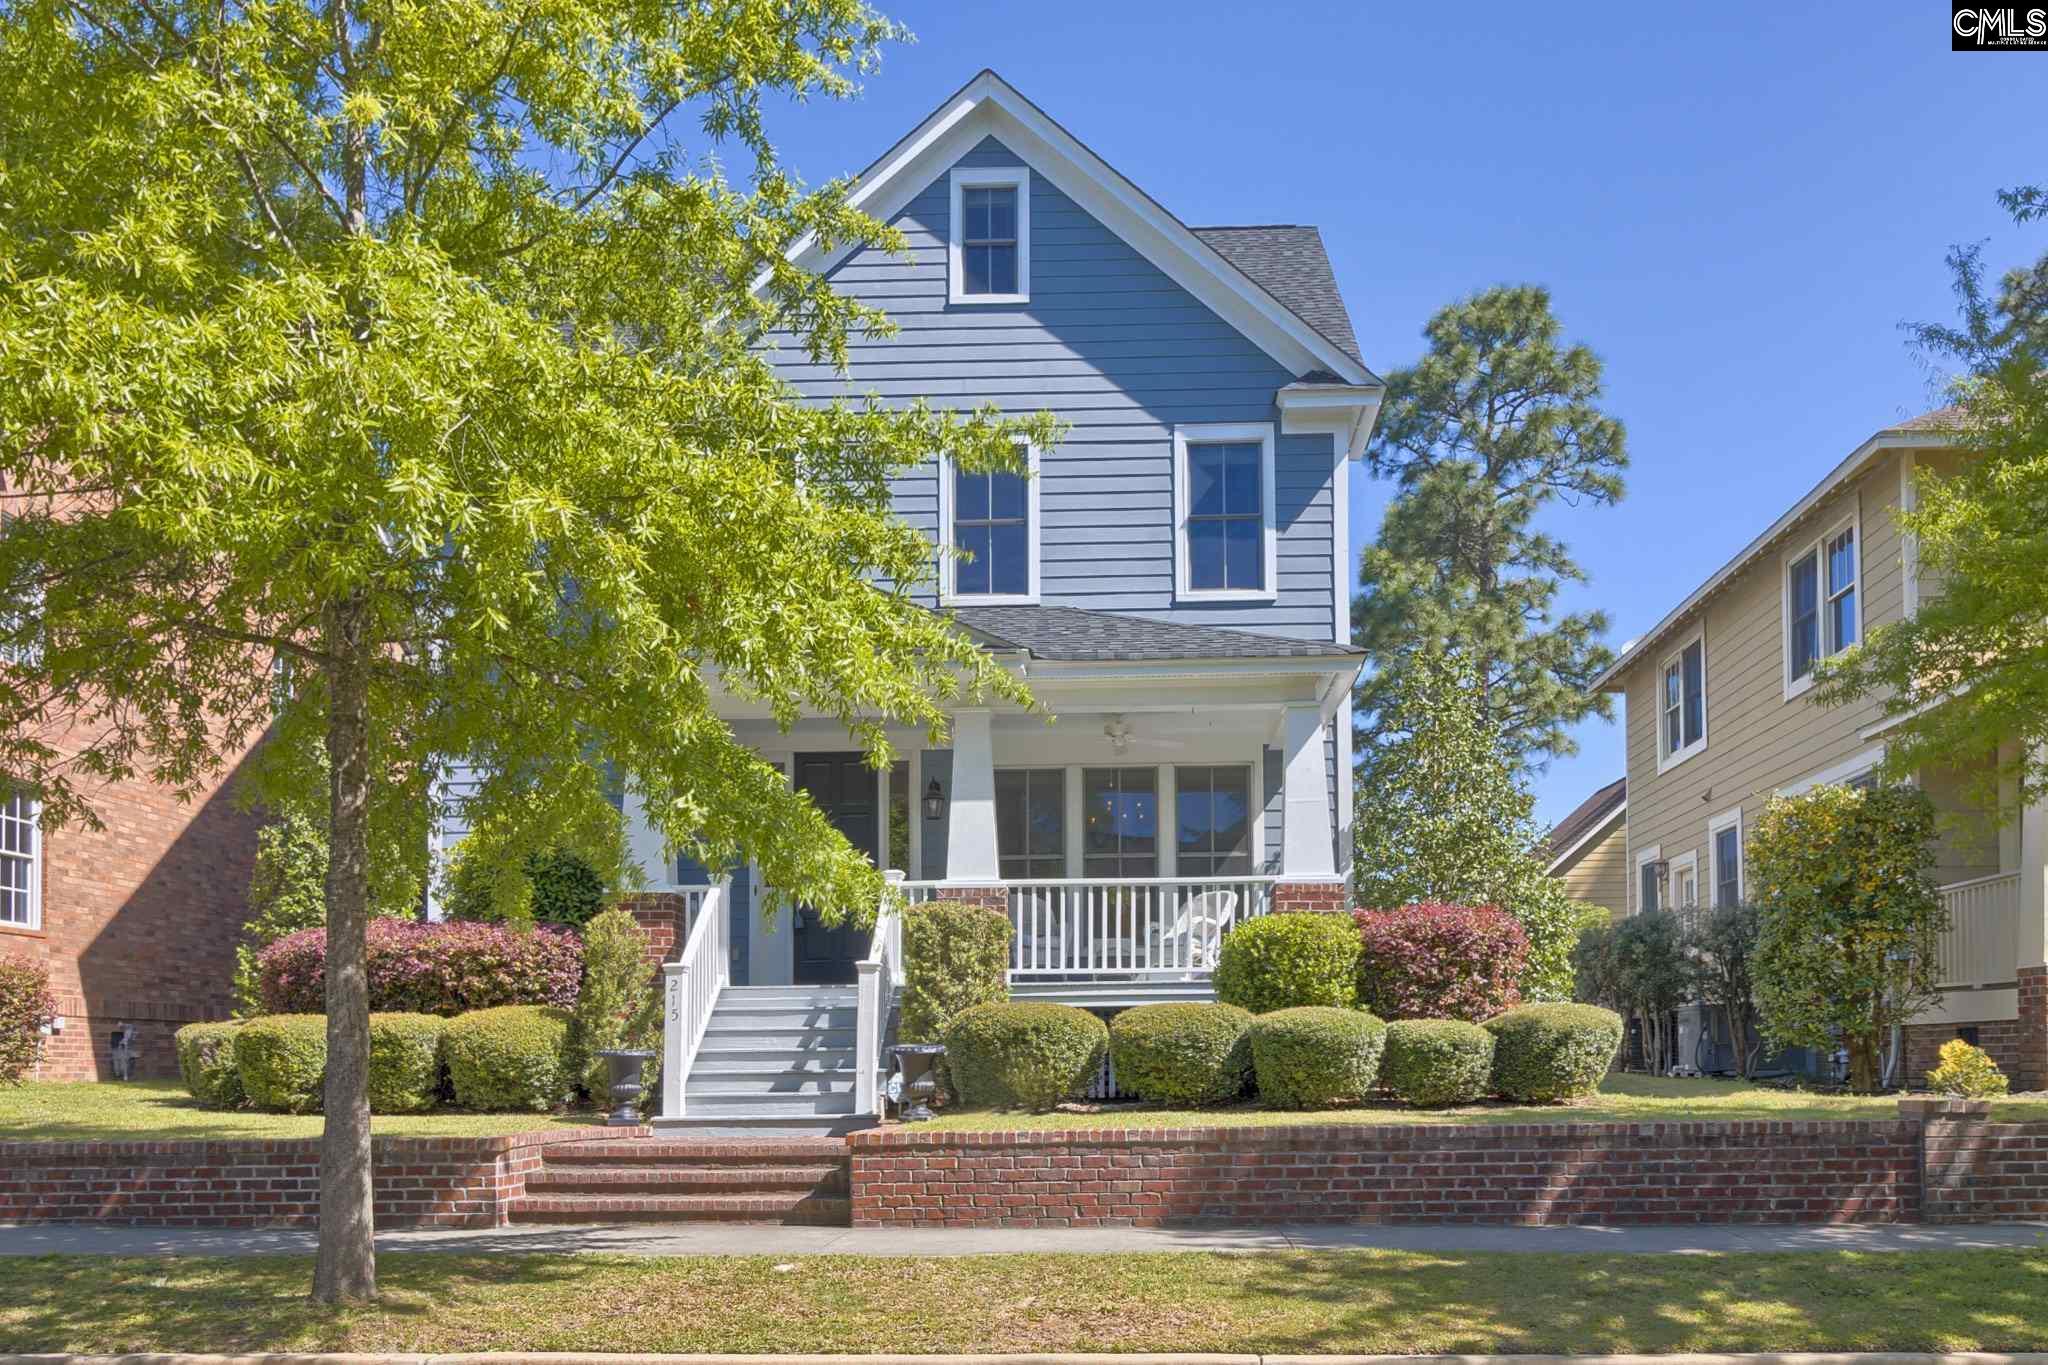 215  Lake Carolina #114 Columbia, SC 29229-000